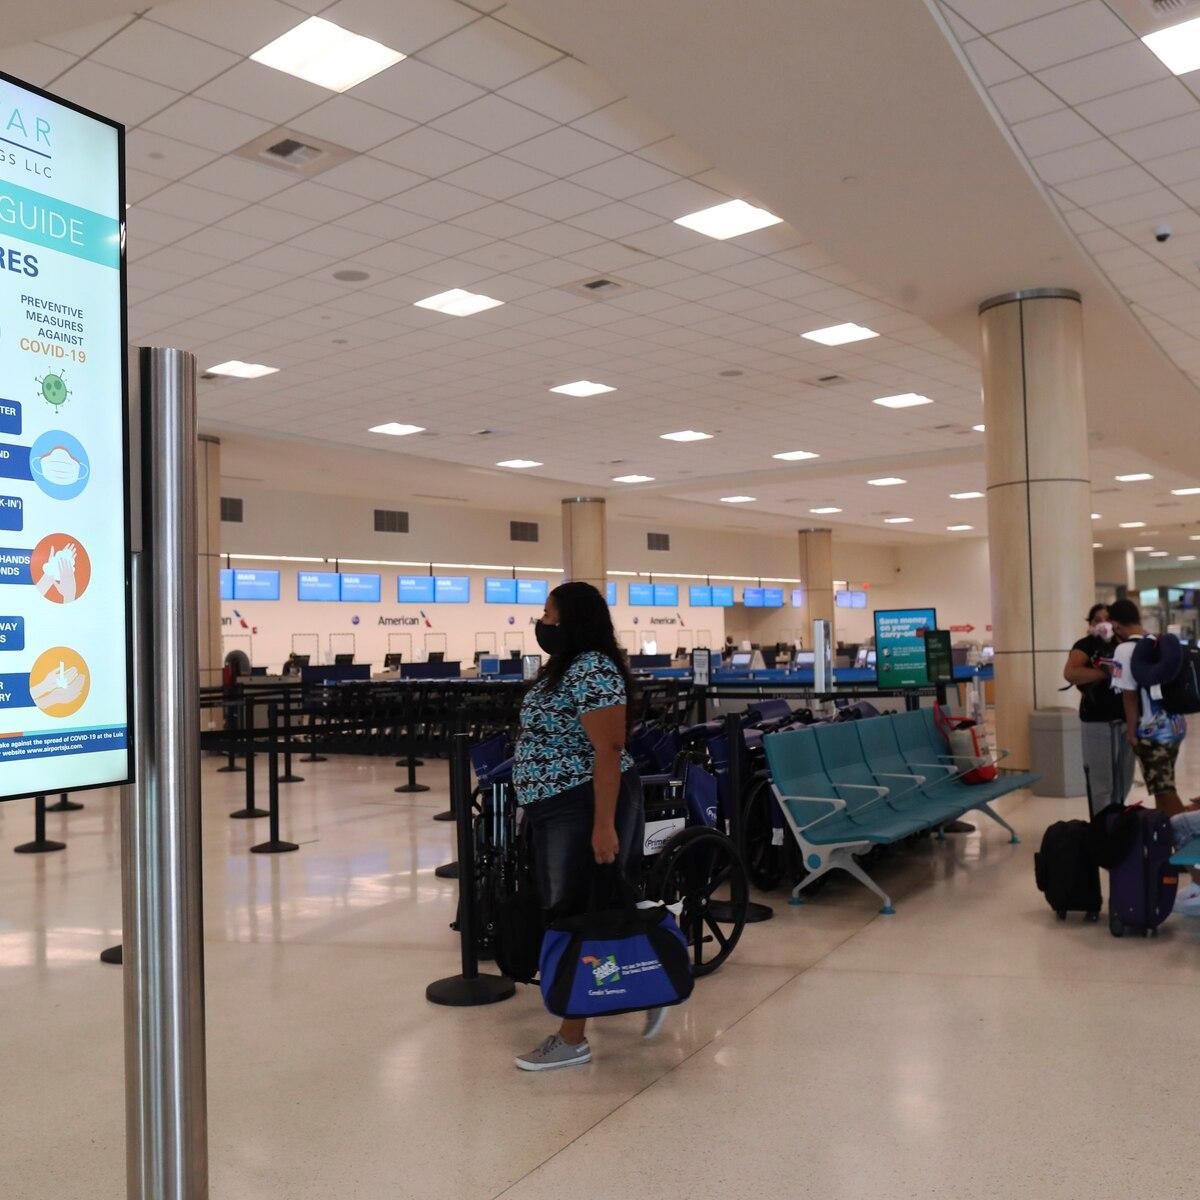 Aeropuerto invierte $700,000 en medidas contra el coronavirus